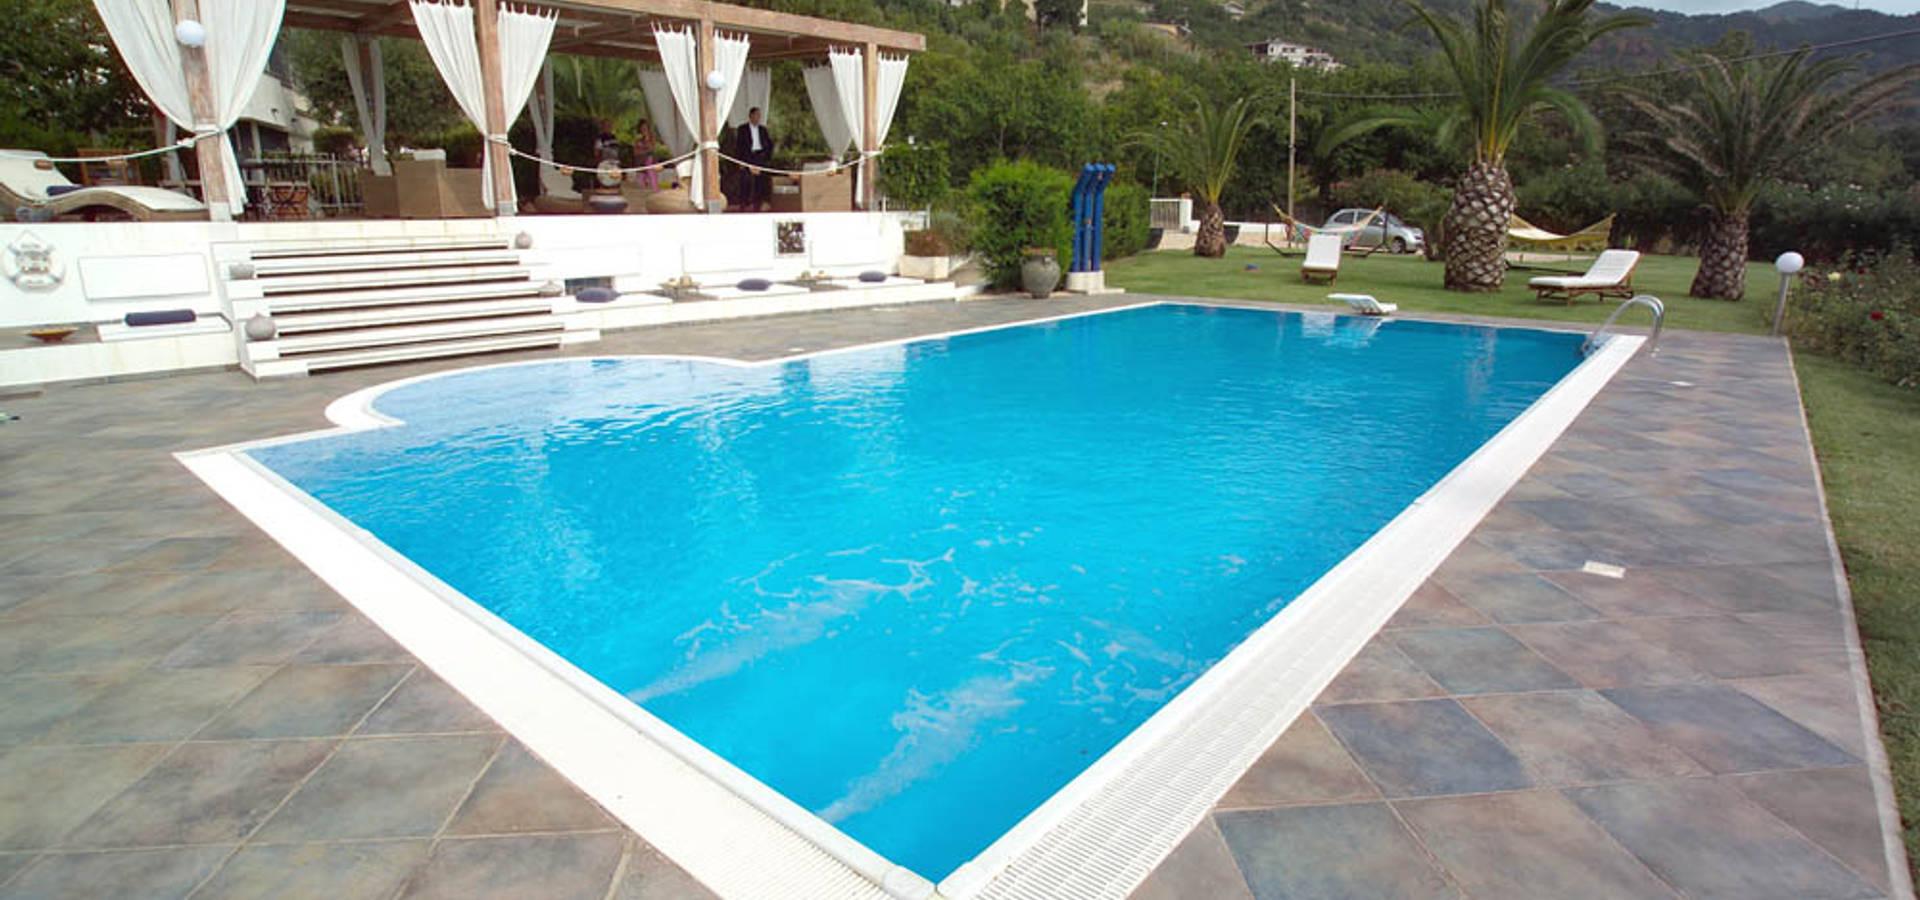 Foto di piscine accessori piscine with foto di piscine a - Piscina interrata permessi ...